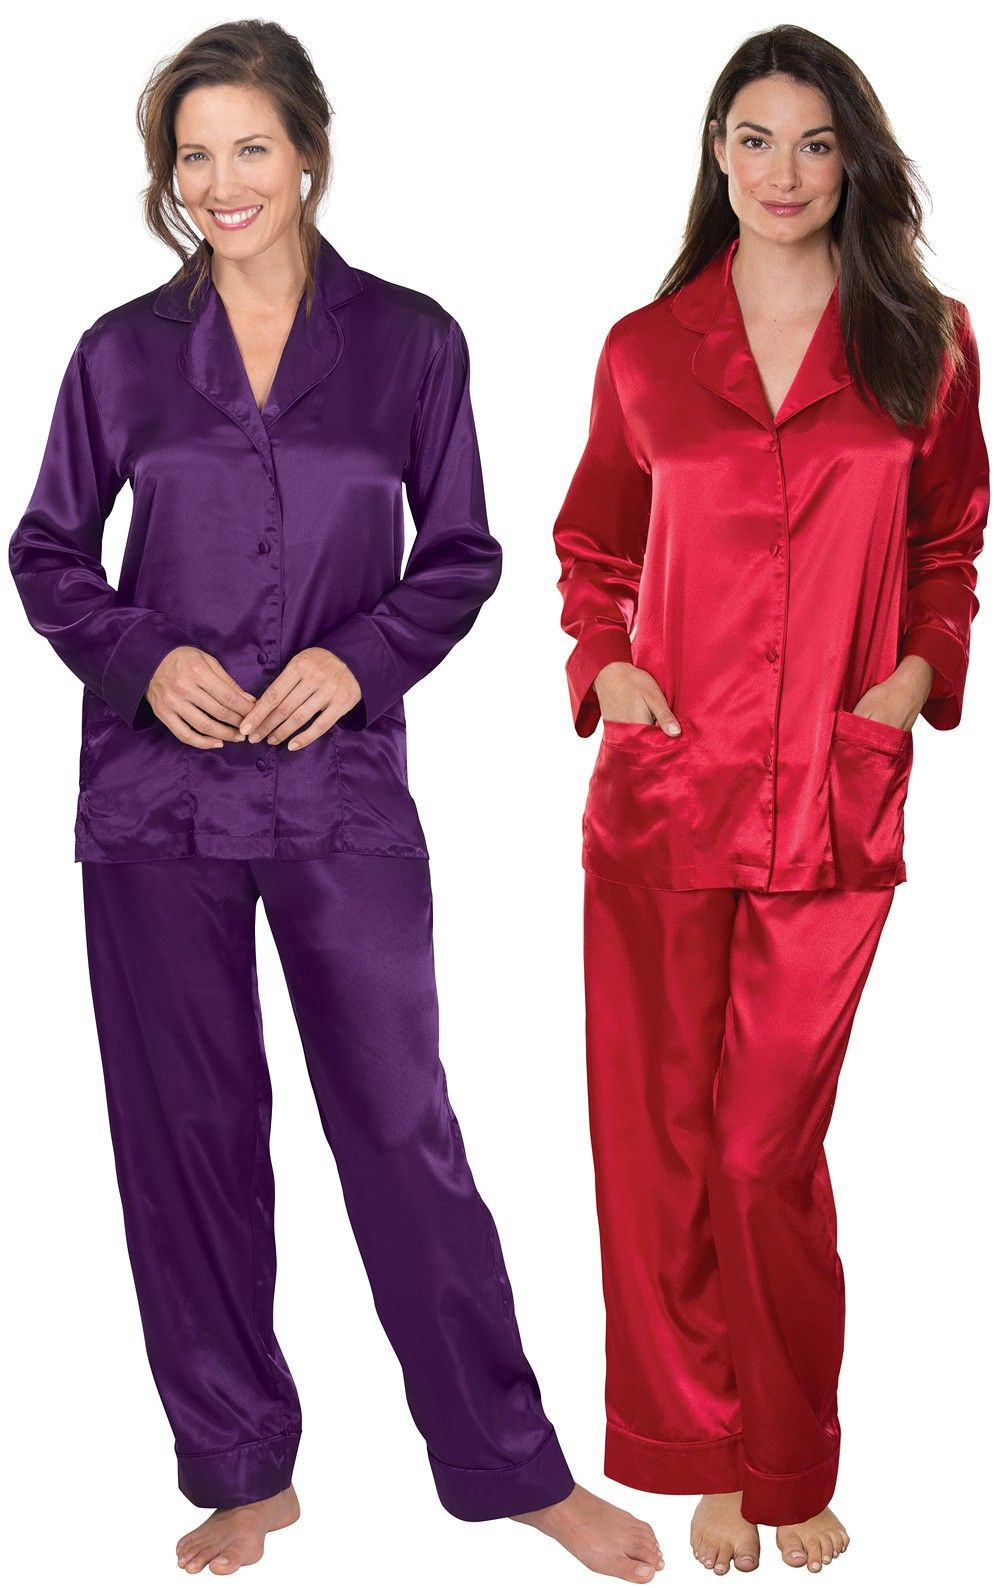 f9a685993f Ruby   Plum Satin Pajamas